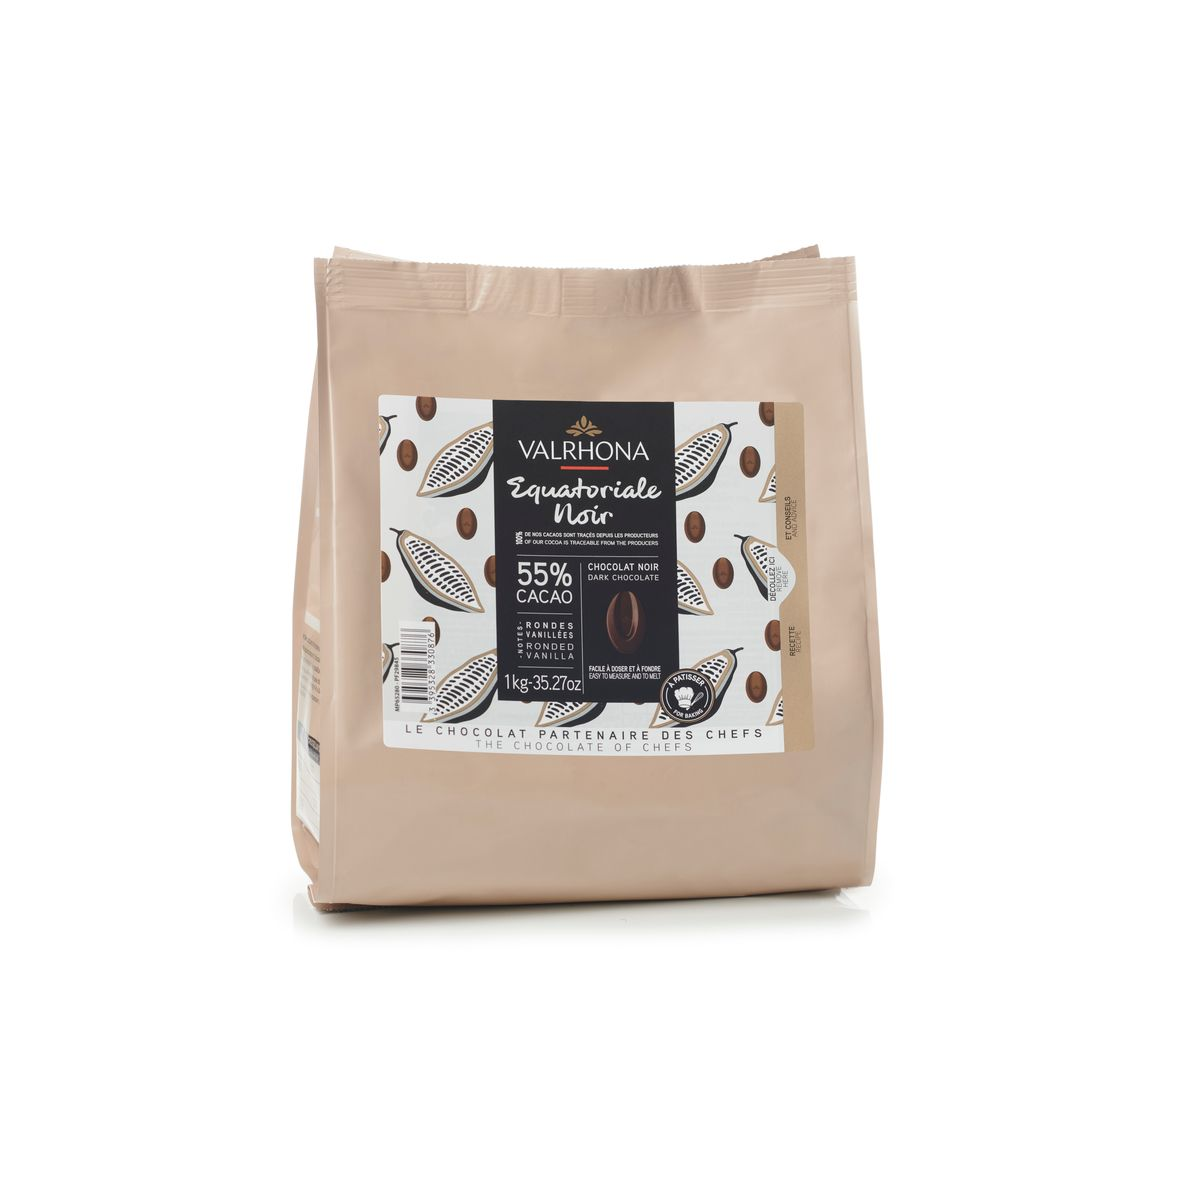 Chocolat noir à pâtisser Equatoriale Noir 55% 1kg - Valrhona